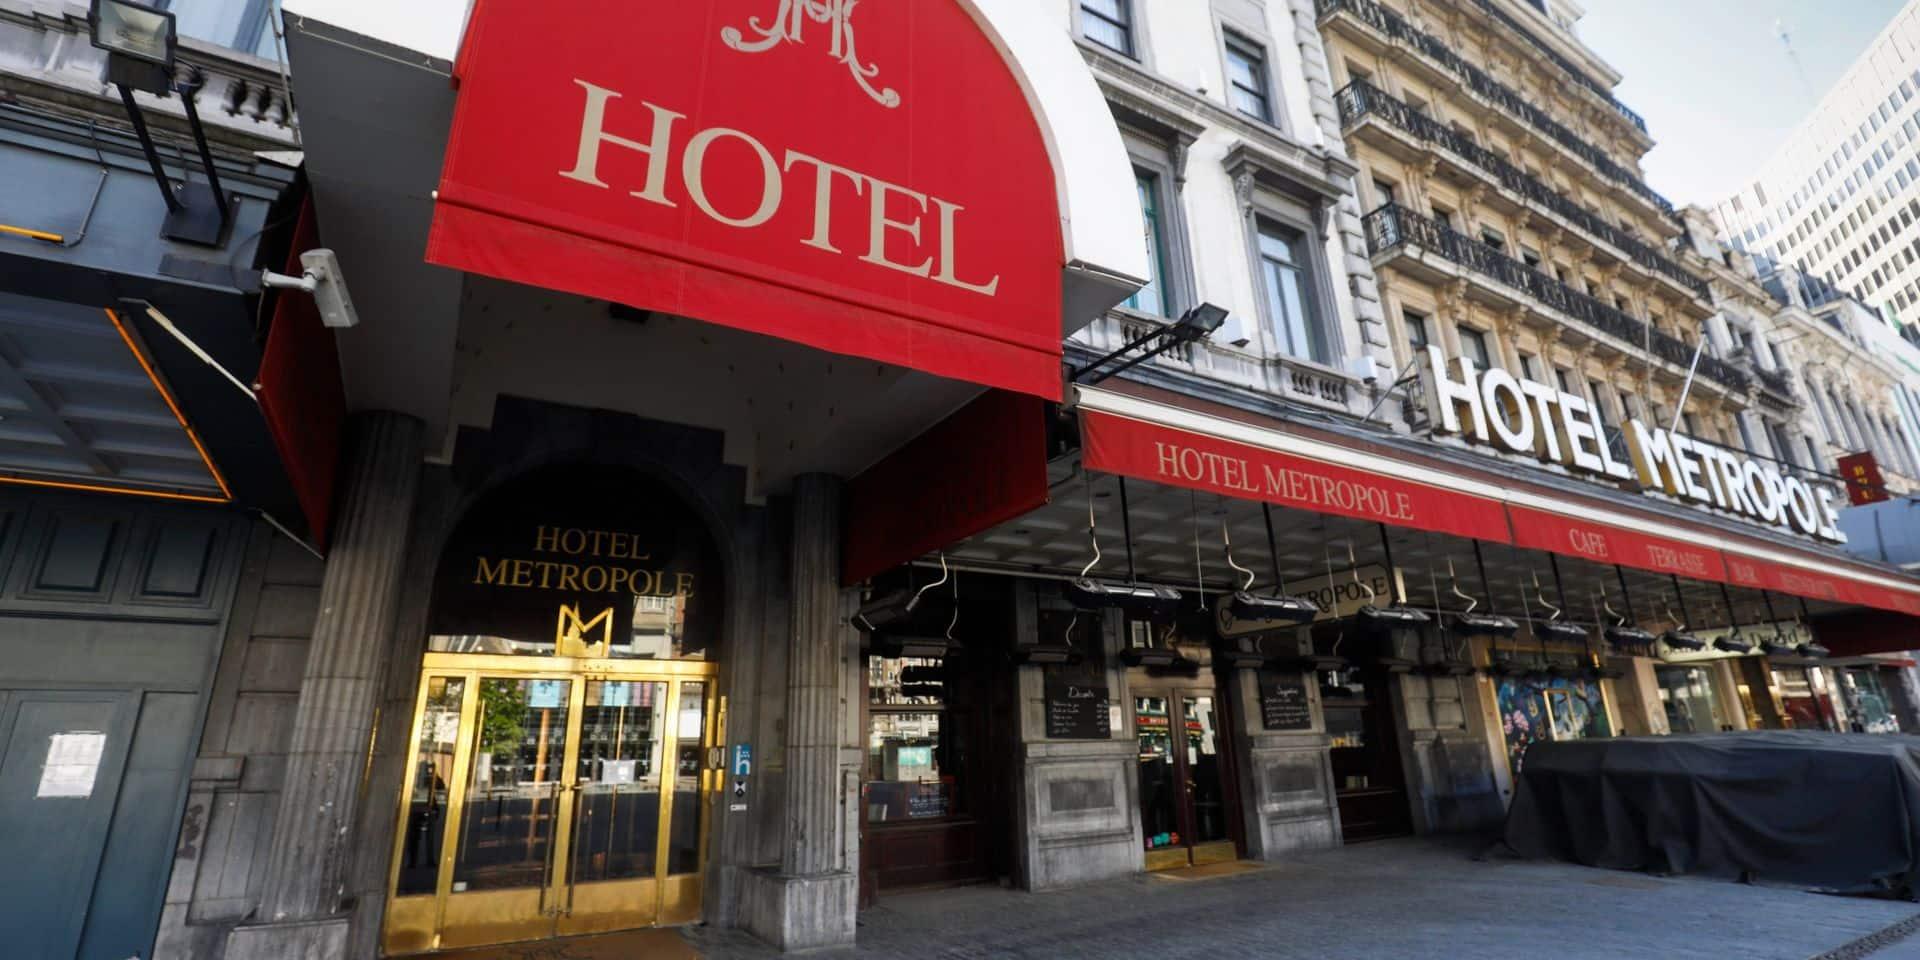 Les hôtels se jugent discriminés par rapport aux restaurants et cafés